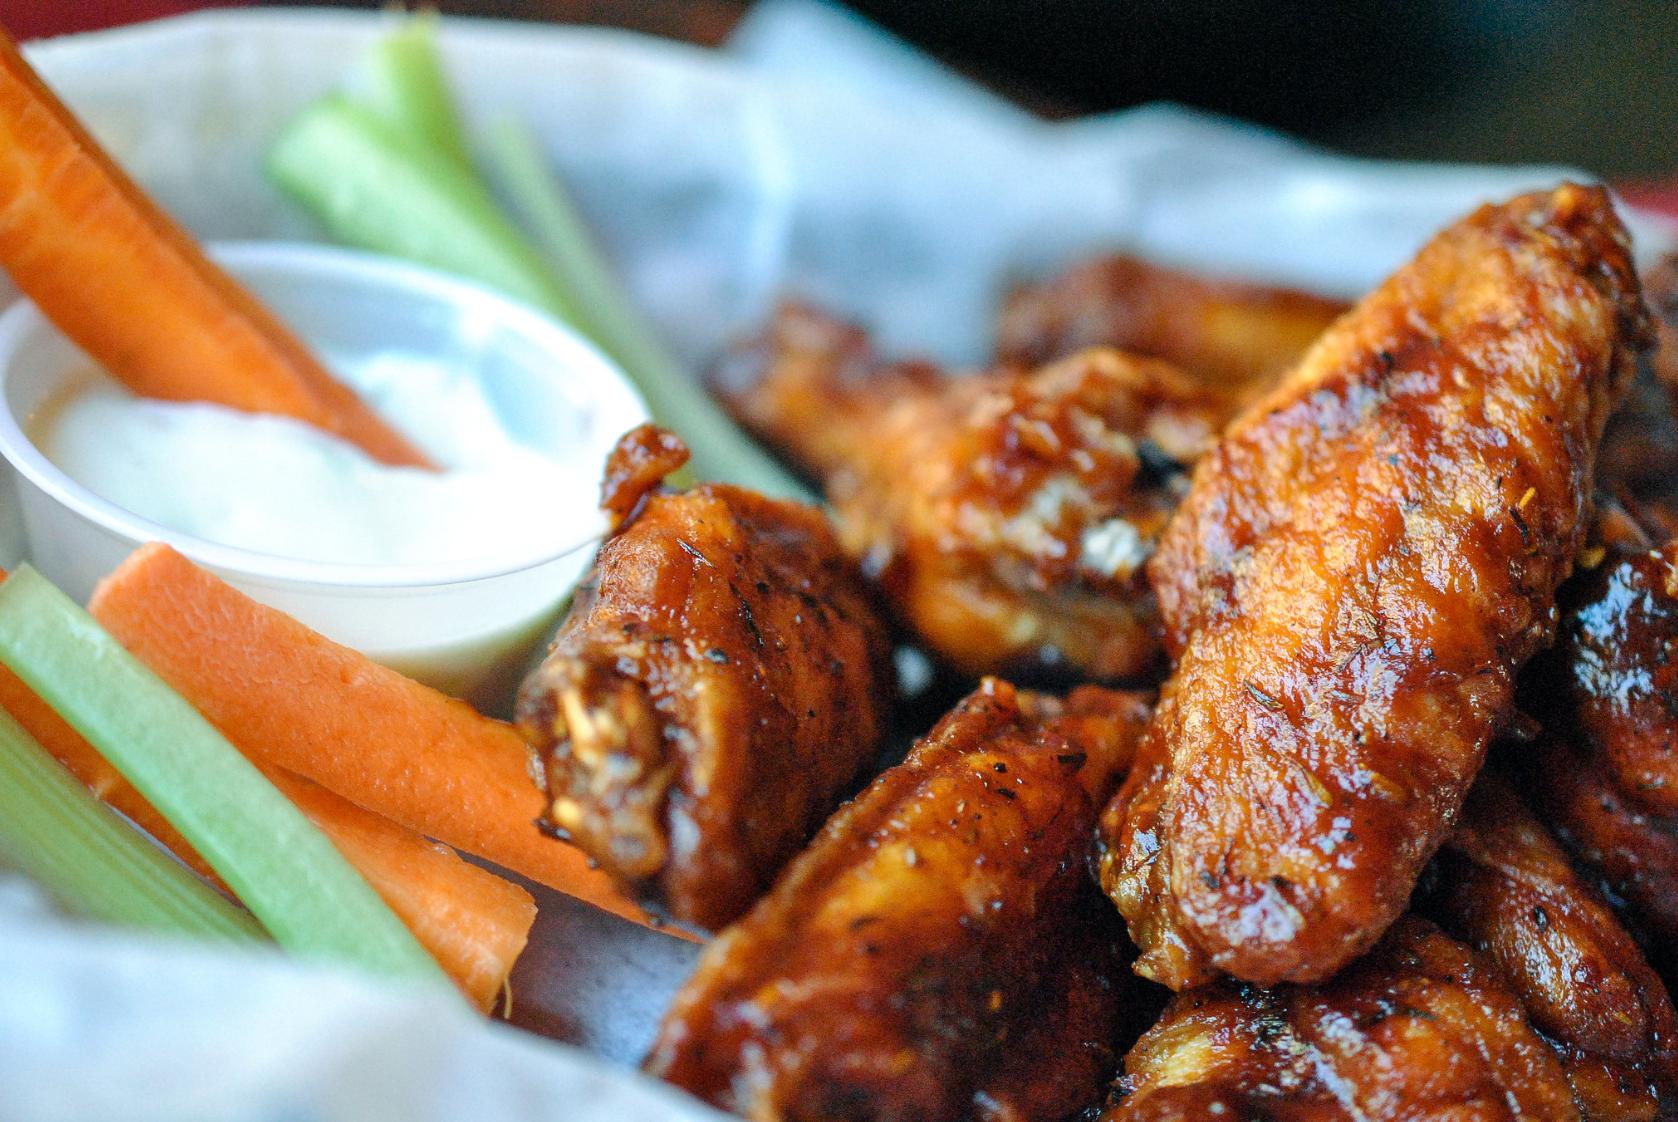 Семь блюд американской кухни, без которых Америка не была бы Америкой. Крылышки Баффало